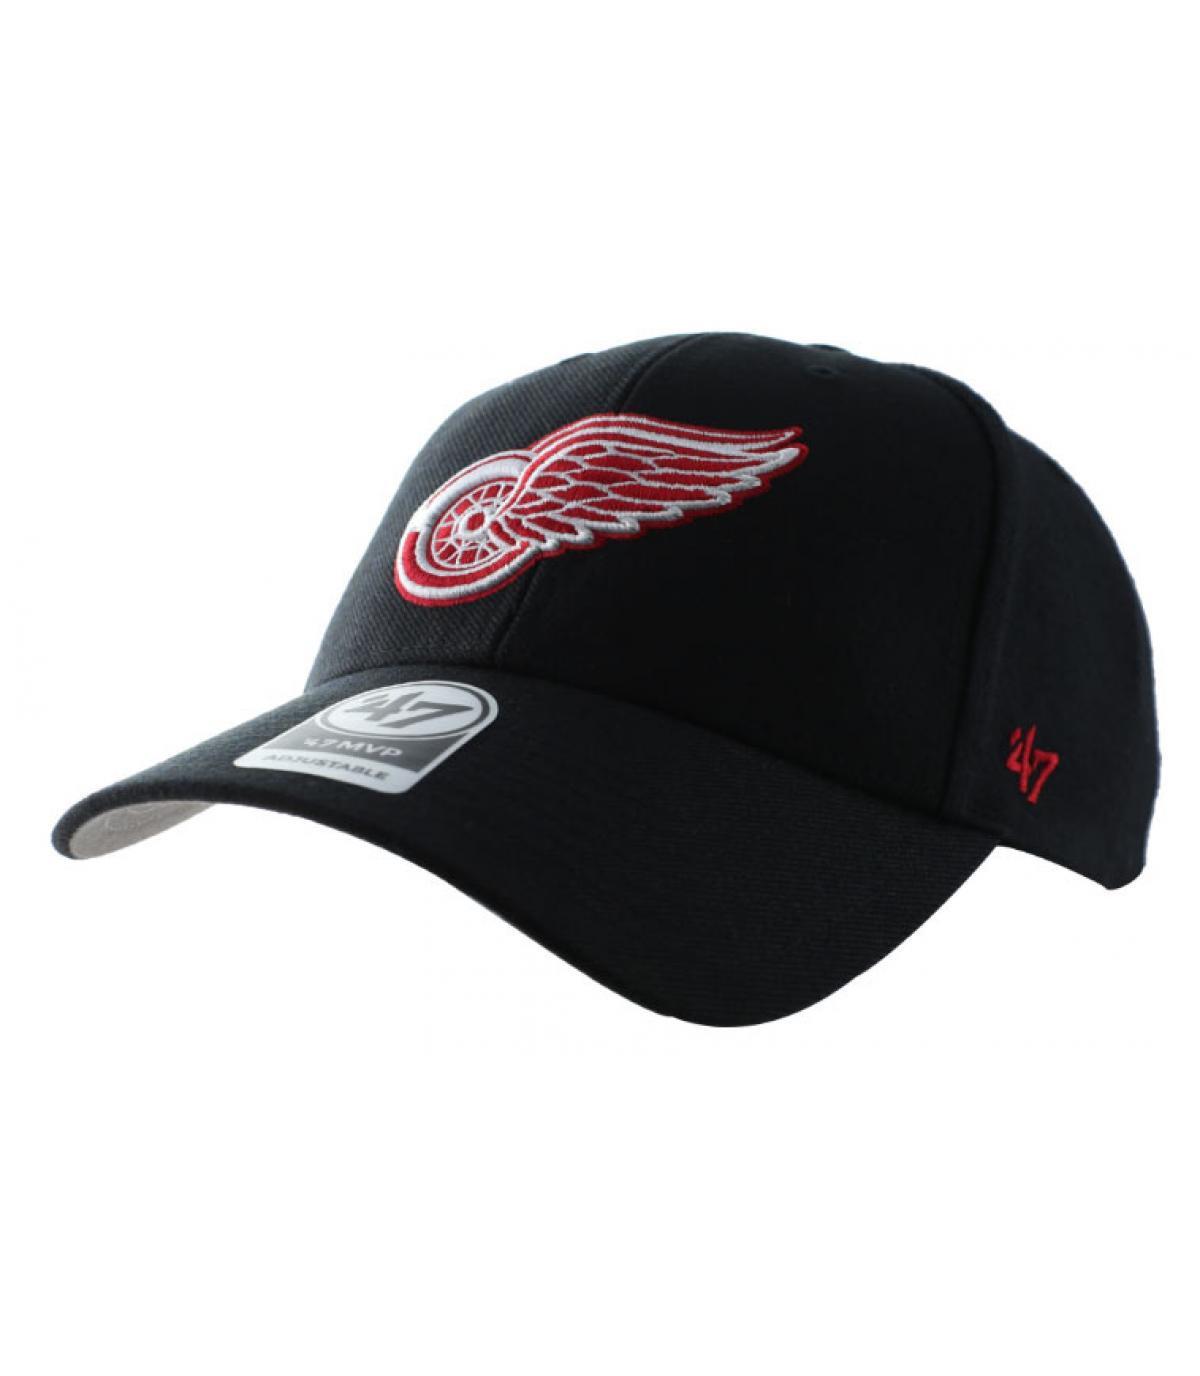 Detalles MVP Detroit Red Wings black imagen 2